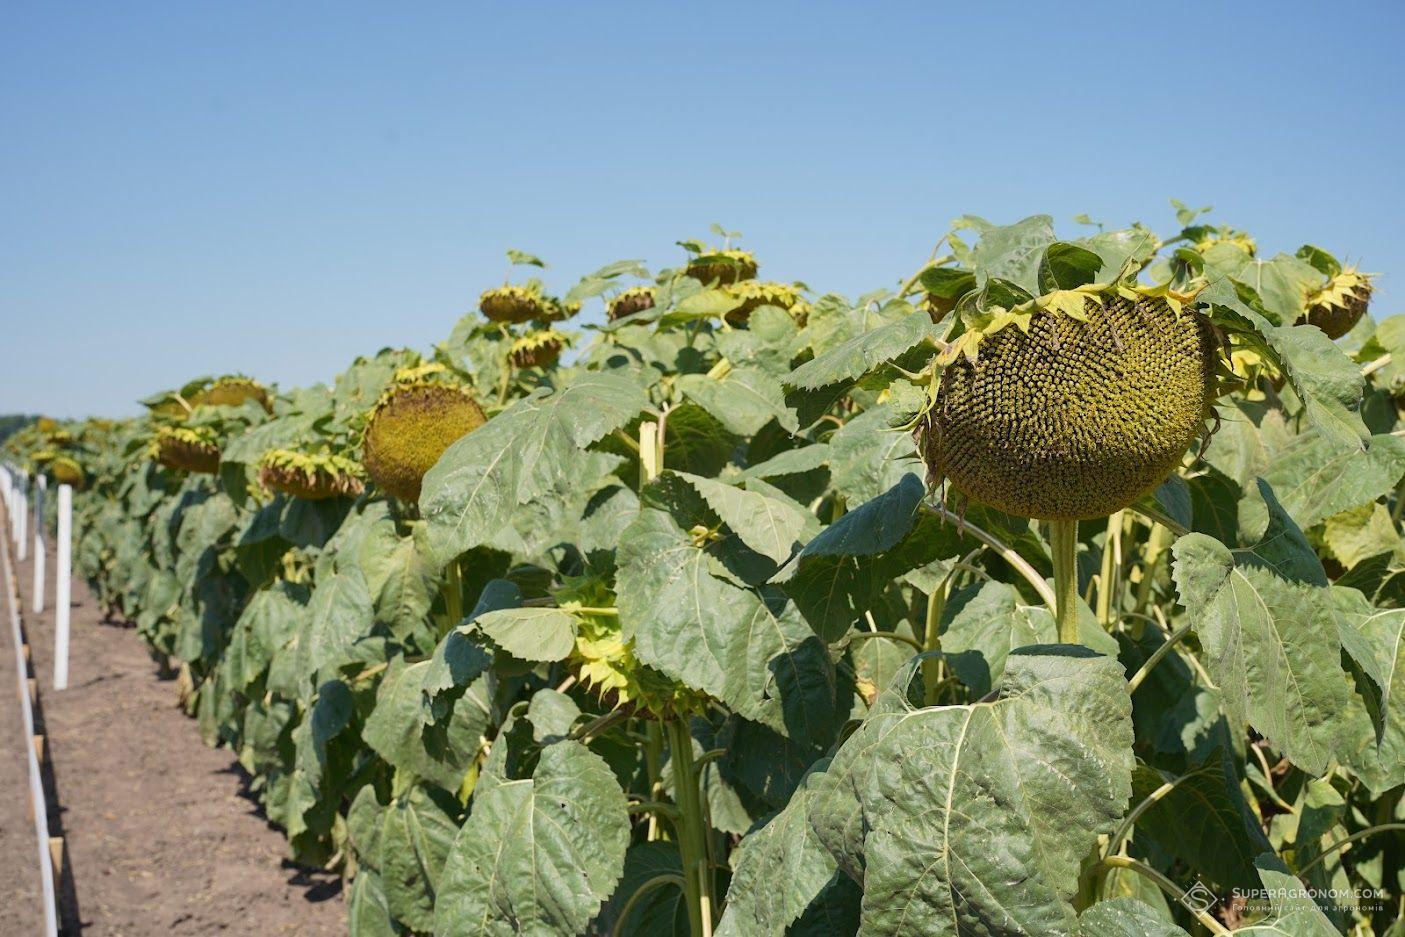 Випробування гібридів кукурудзи, соняшнику, та технологій вирощування культур на Черкащині: що побачили аграрії фото 4 LNZ Group